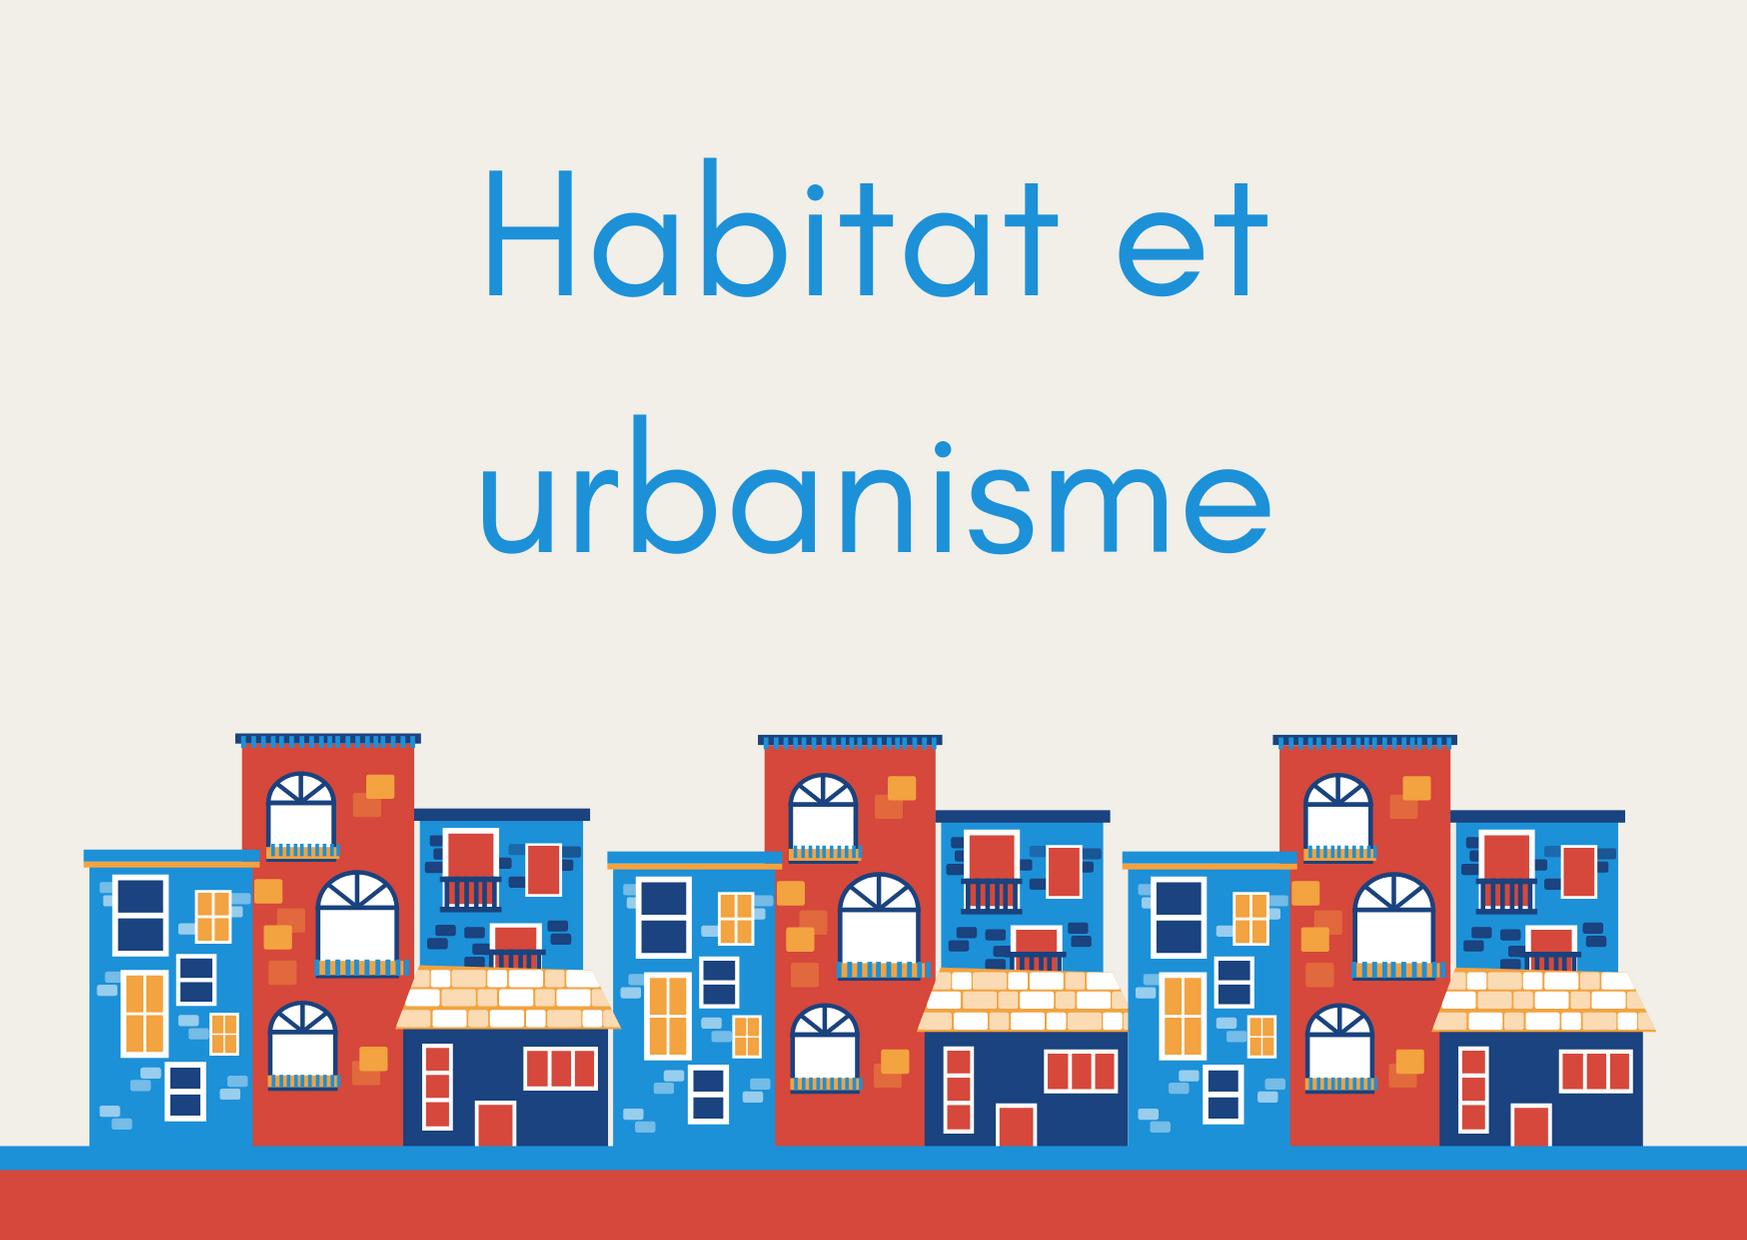 Habitat et urbanisme.png